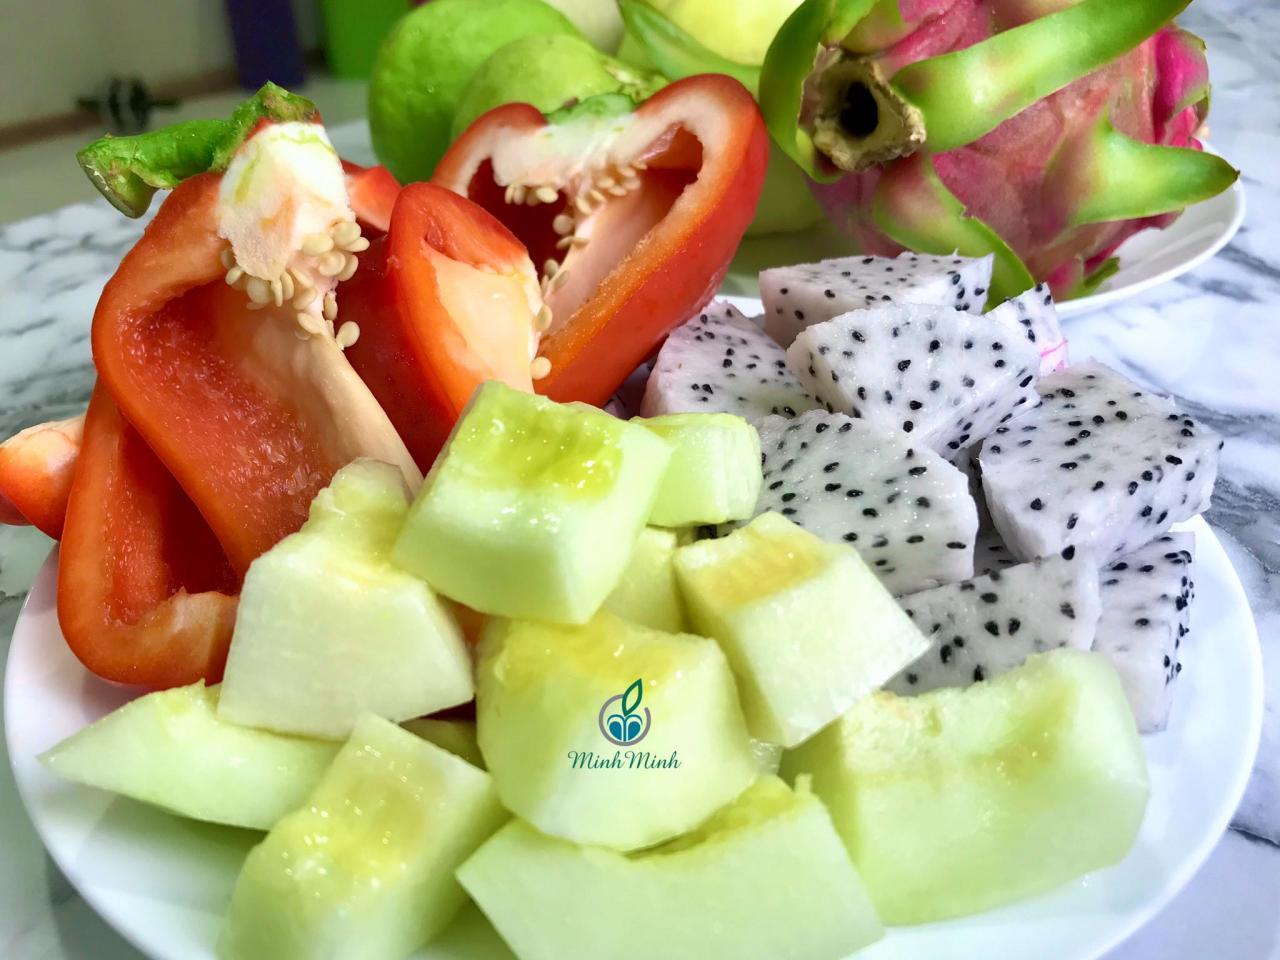 không nên ăn trái cây sau bữa ăn